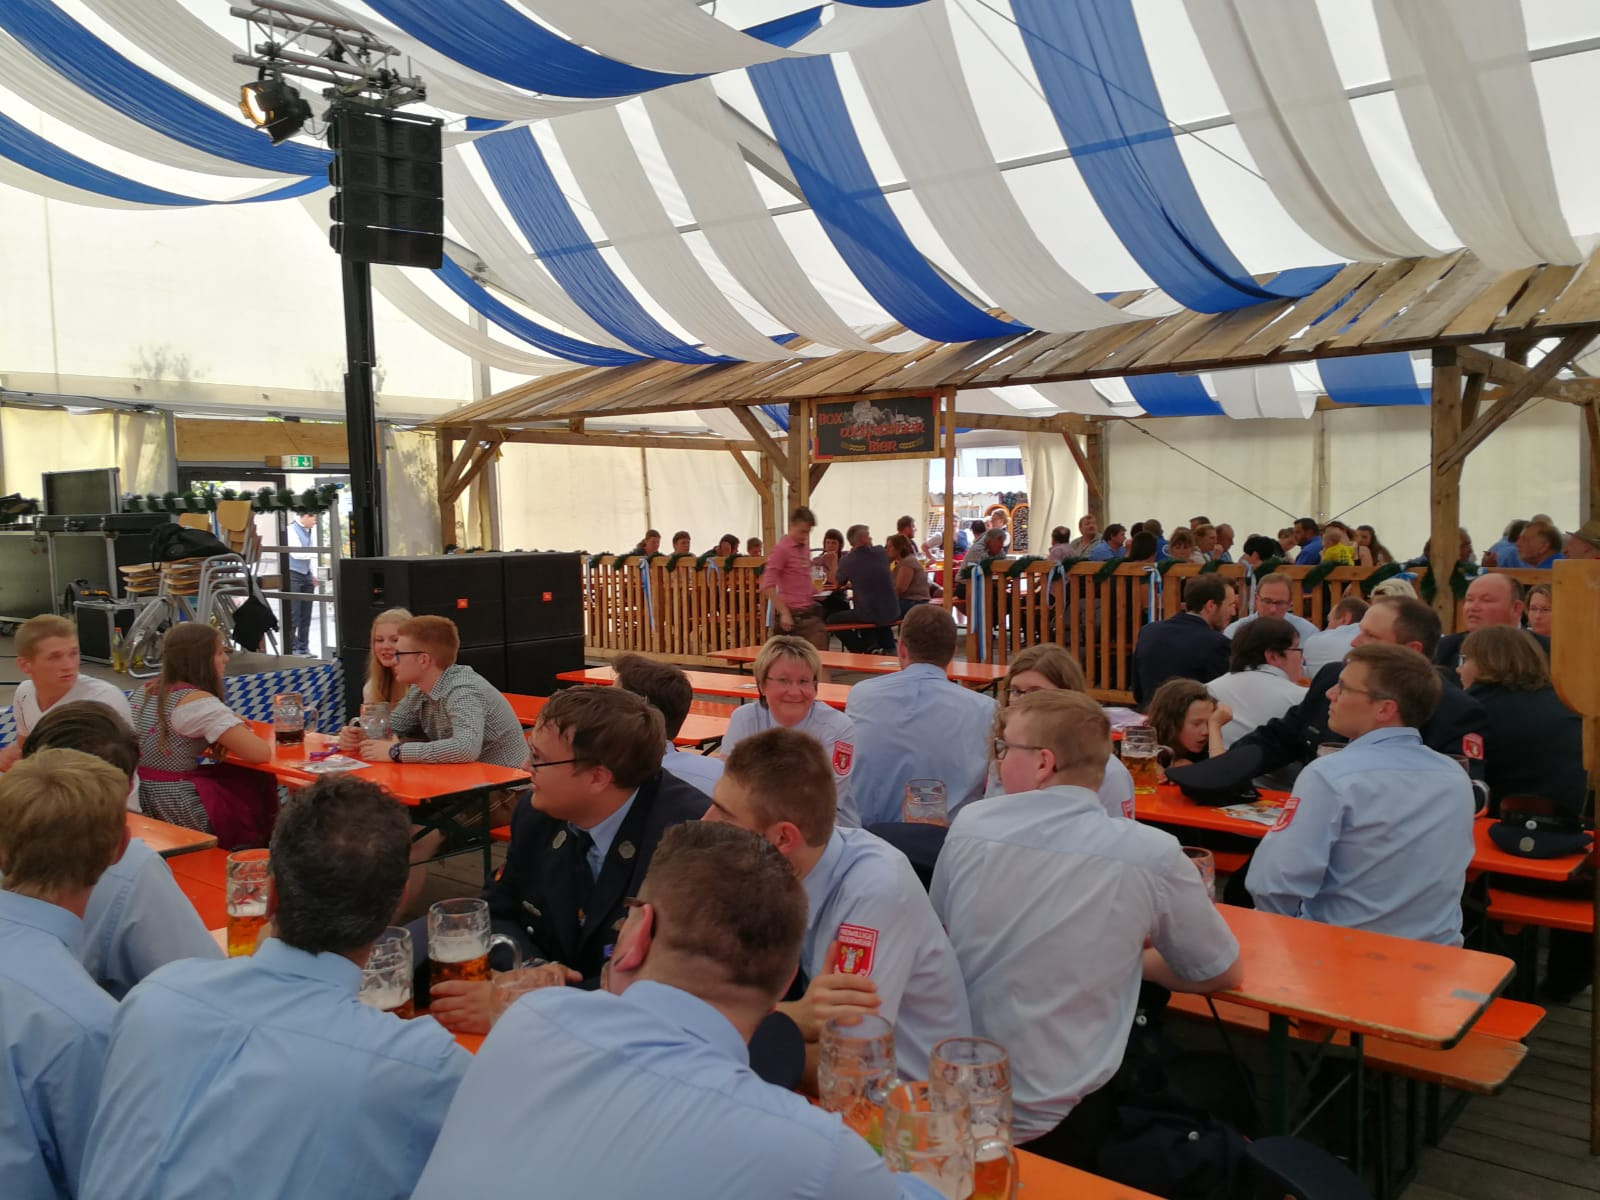 Volksfestaufzug 2018 – Bierzelt